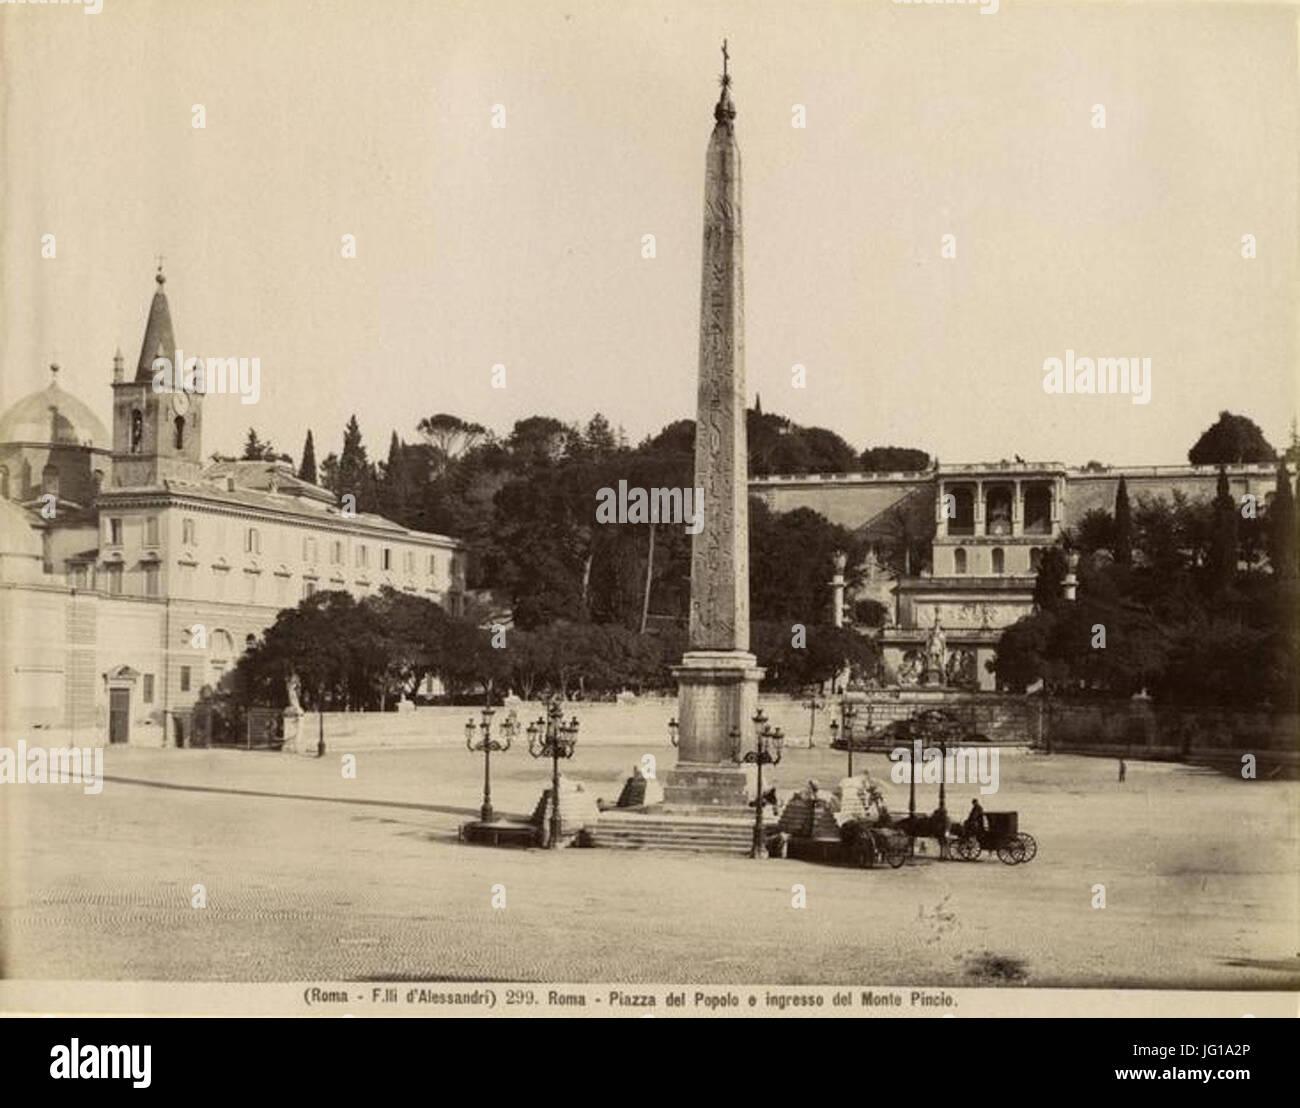 Fratelli D Alessandri - n. 299 - Roma - Piazza del Popolo e ingresso del Monte Pincio - Stock Image